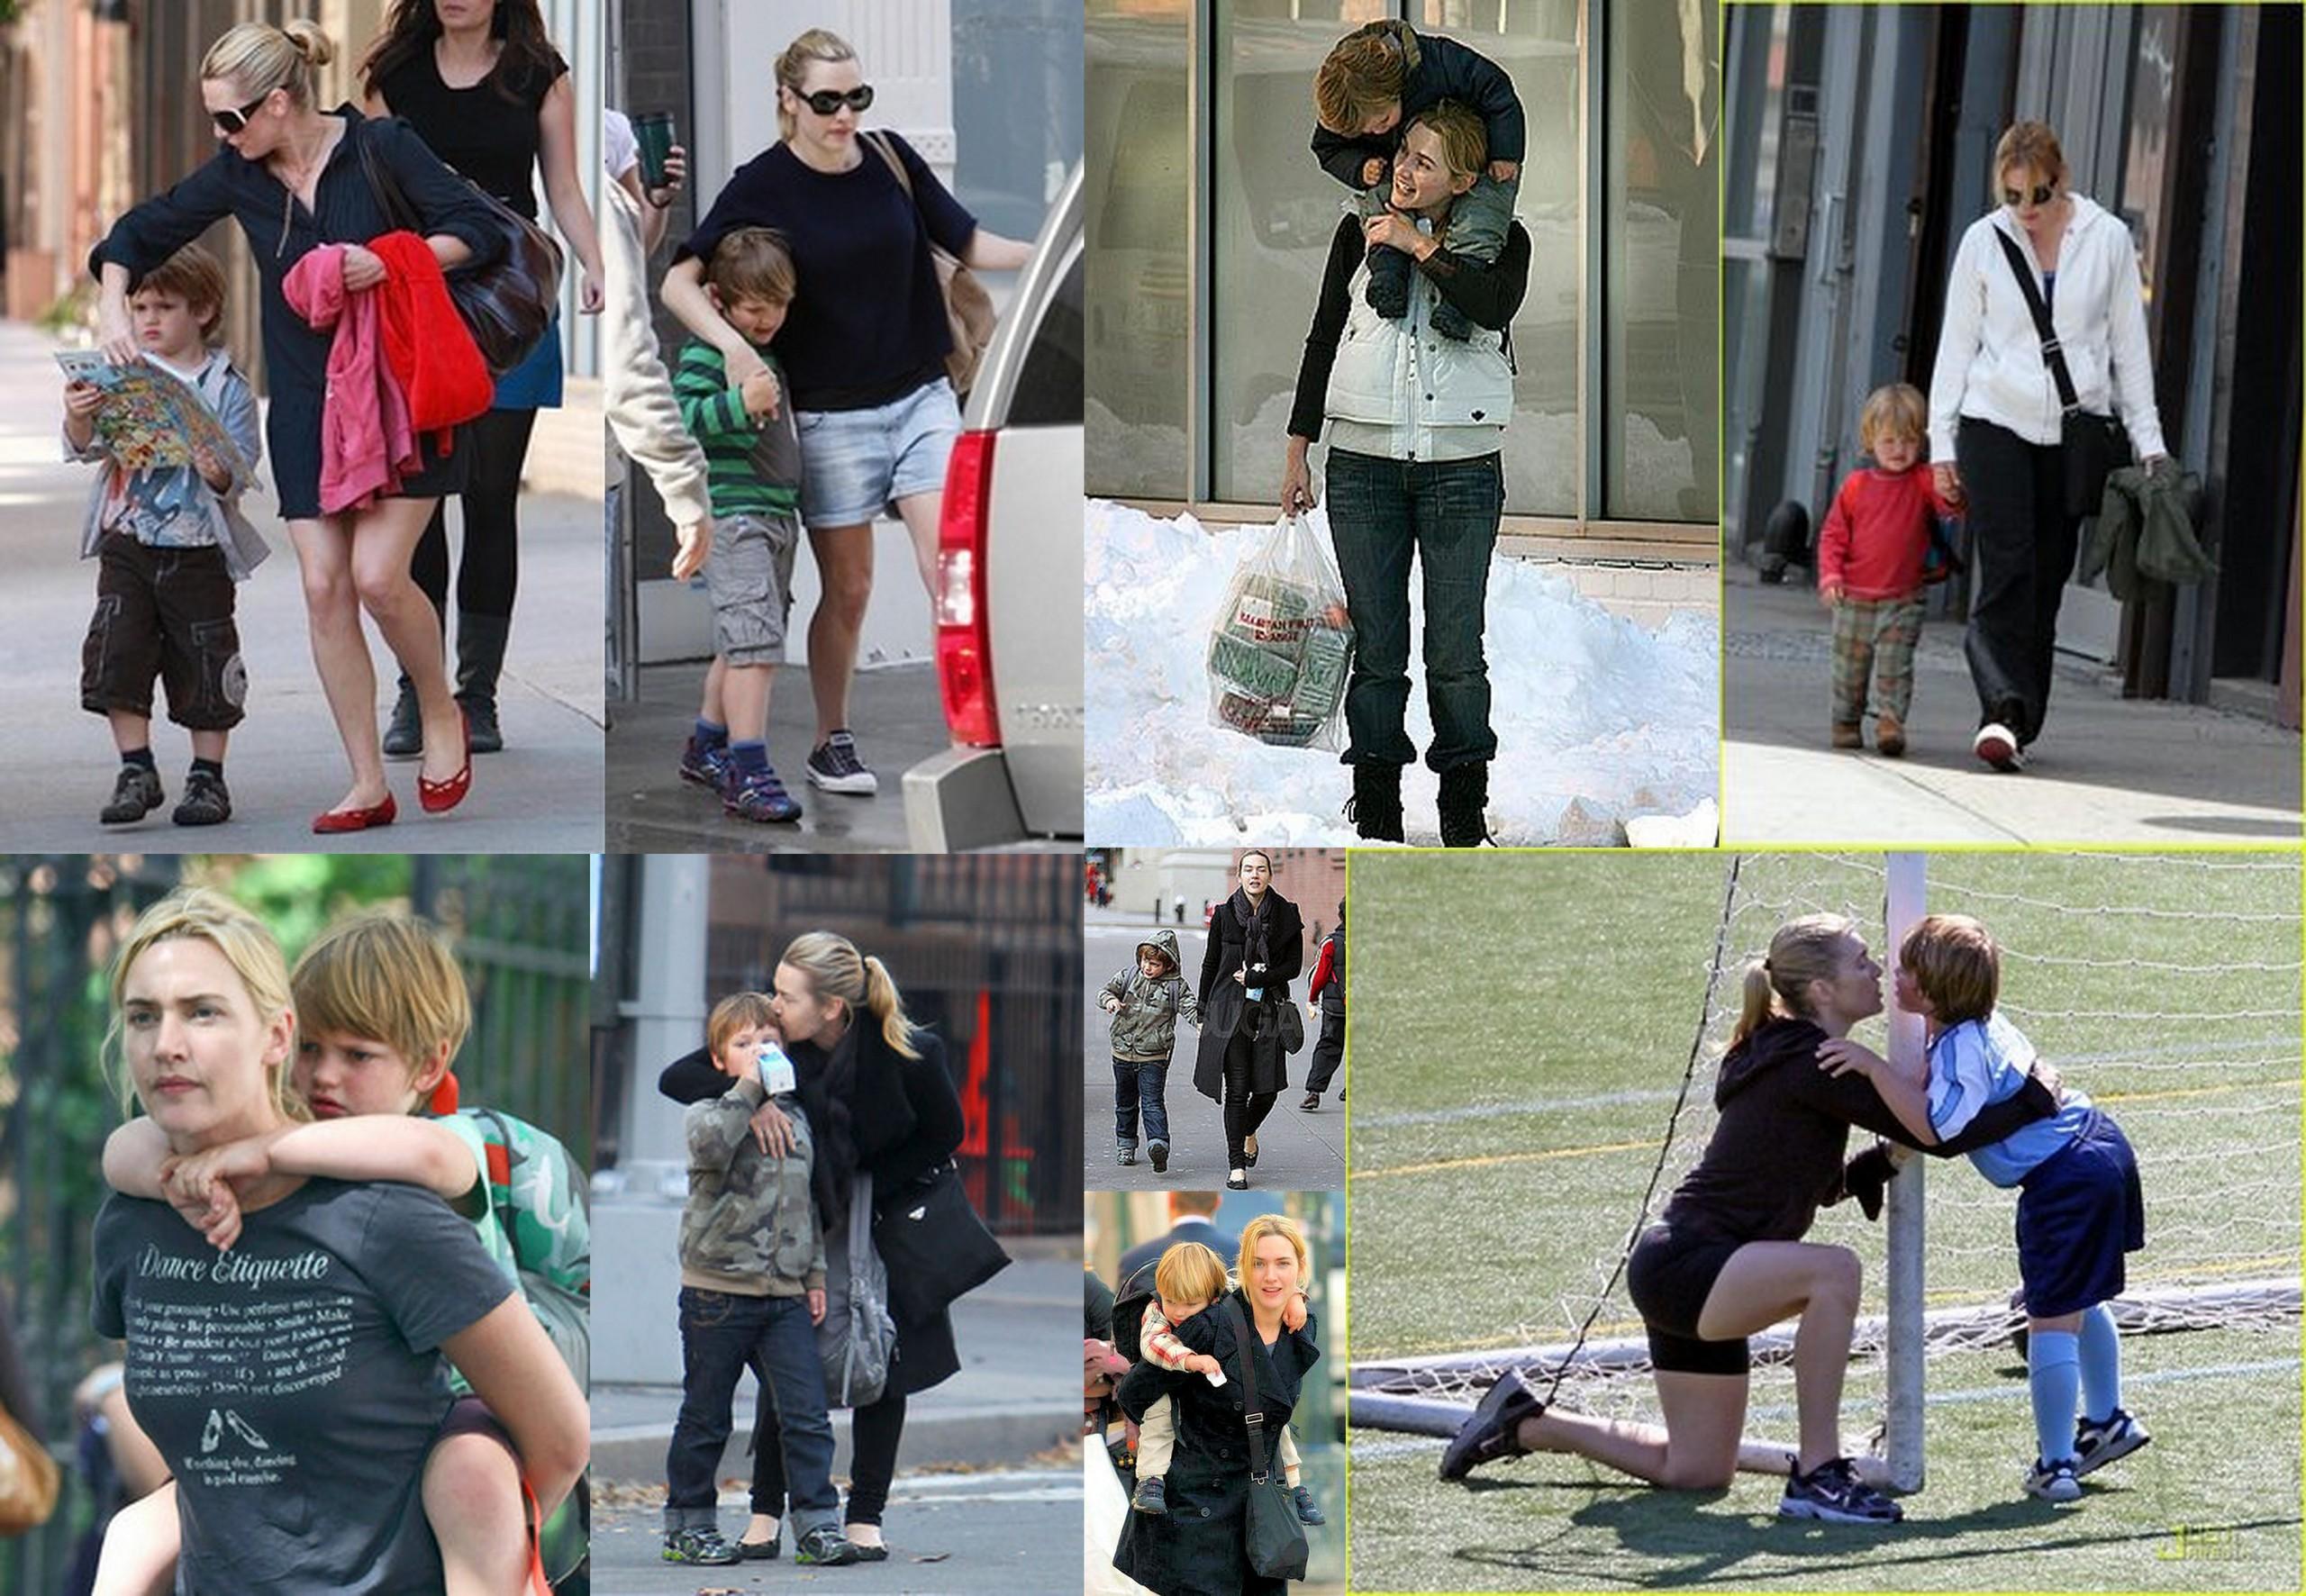 Кейт уинслет и ее дети фото